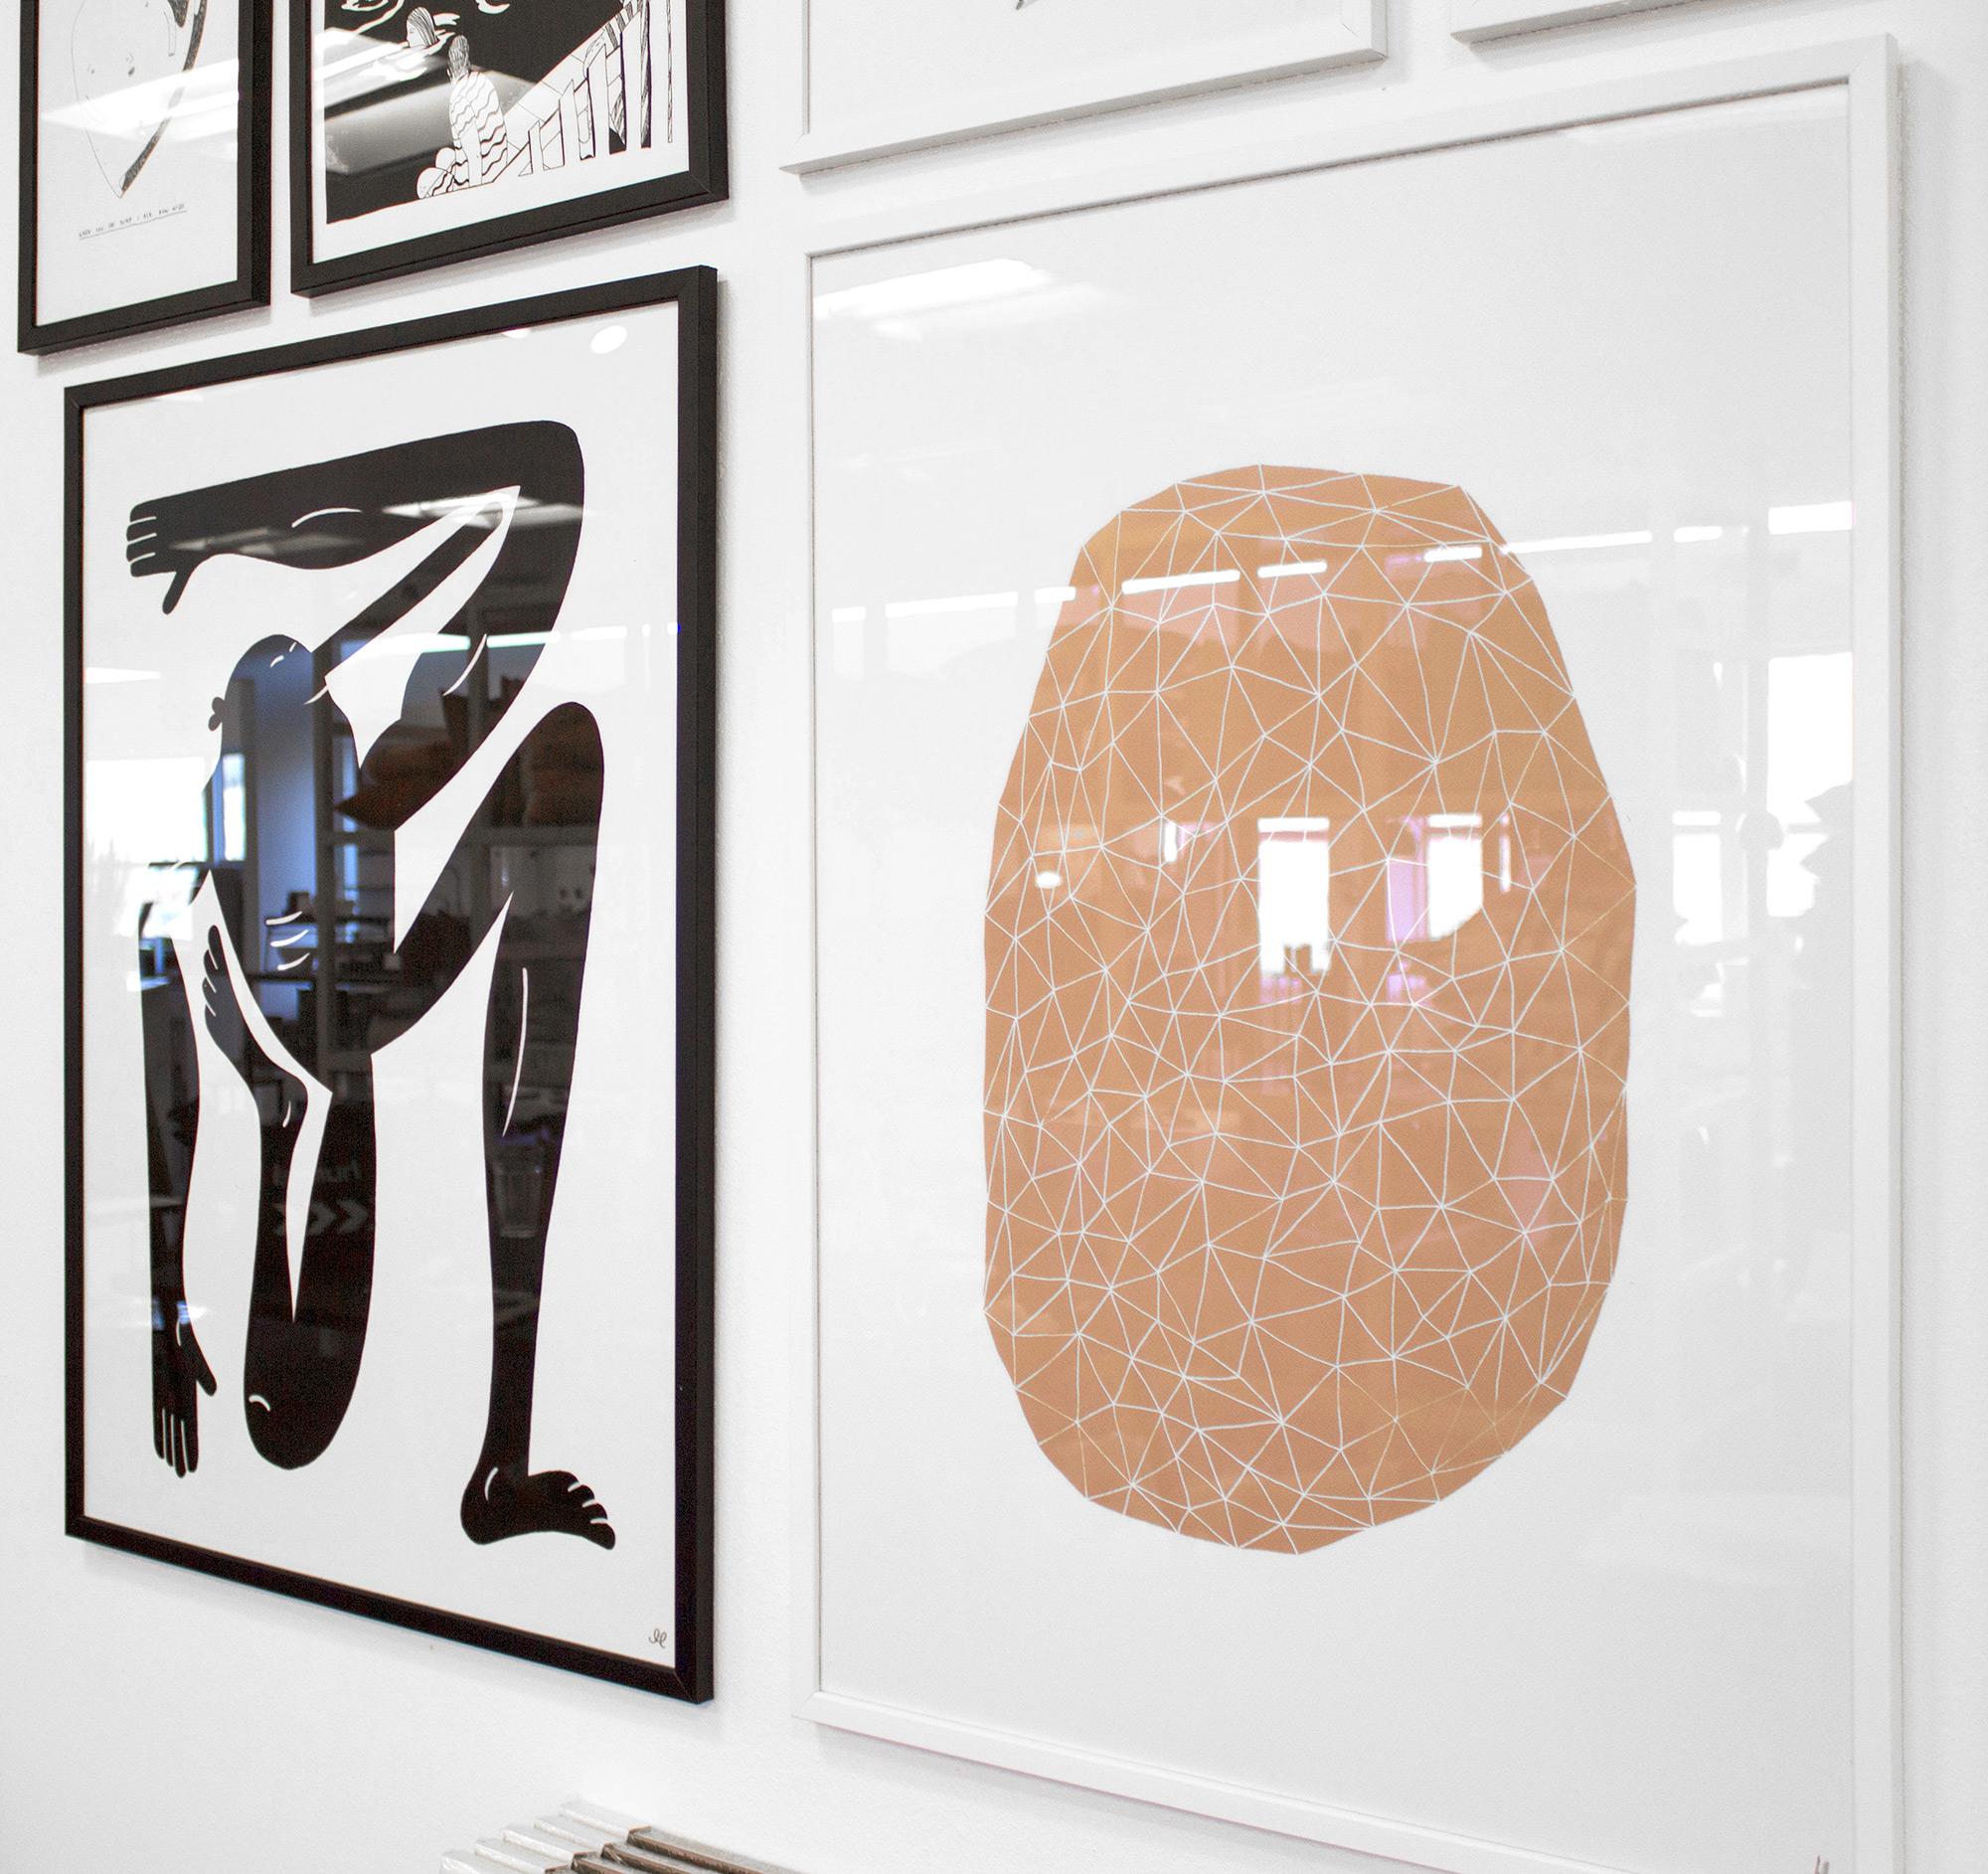 plakater-posters-kunsttryk, giclee-tryk, abstrakte, geometriske, grafiske, illustrative, minimalistiske, arkitektur, mønstre, beige, hvide, blæk, papir, abstrakte-former, arkitektoniske, samtidskunst, københavn, kubisme, dansk, dekorative, design, interiør, bolig-indretning, moderne, moderne-kunst, nordisk, plakater, tryk, skandinavisk, Køb original kunst og kunstplakater. Malerier, tegninger, limited edition kunsttryk & plakater af dygtige kunstnere.